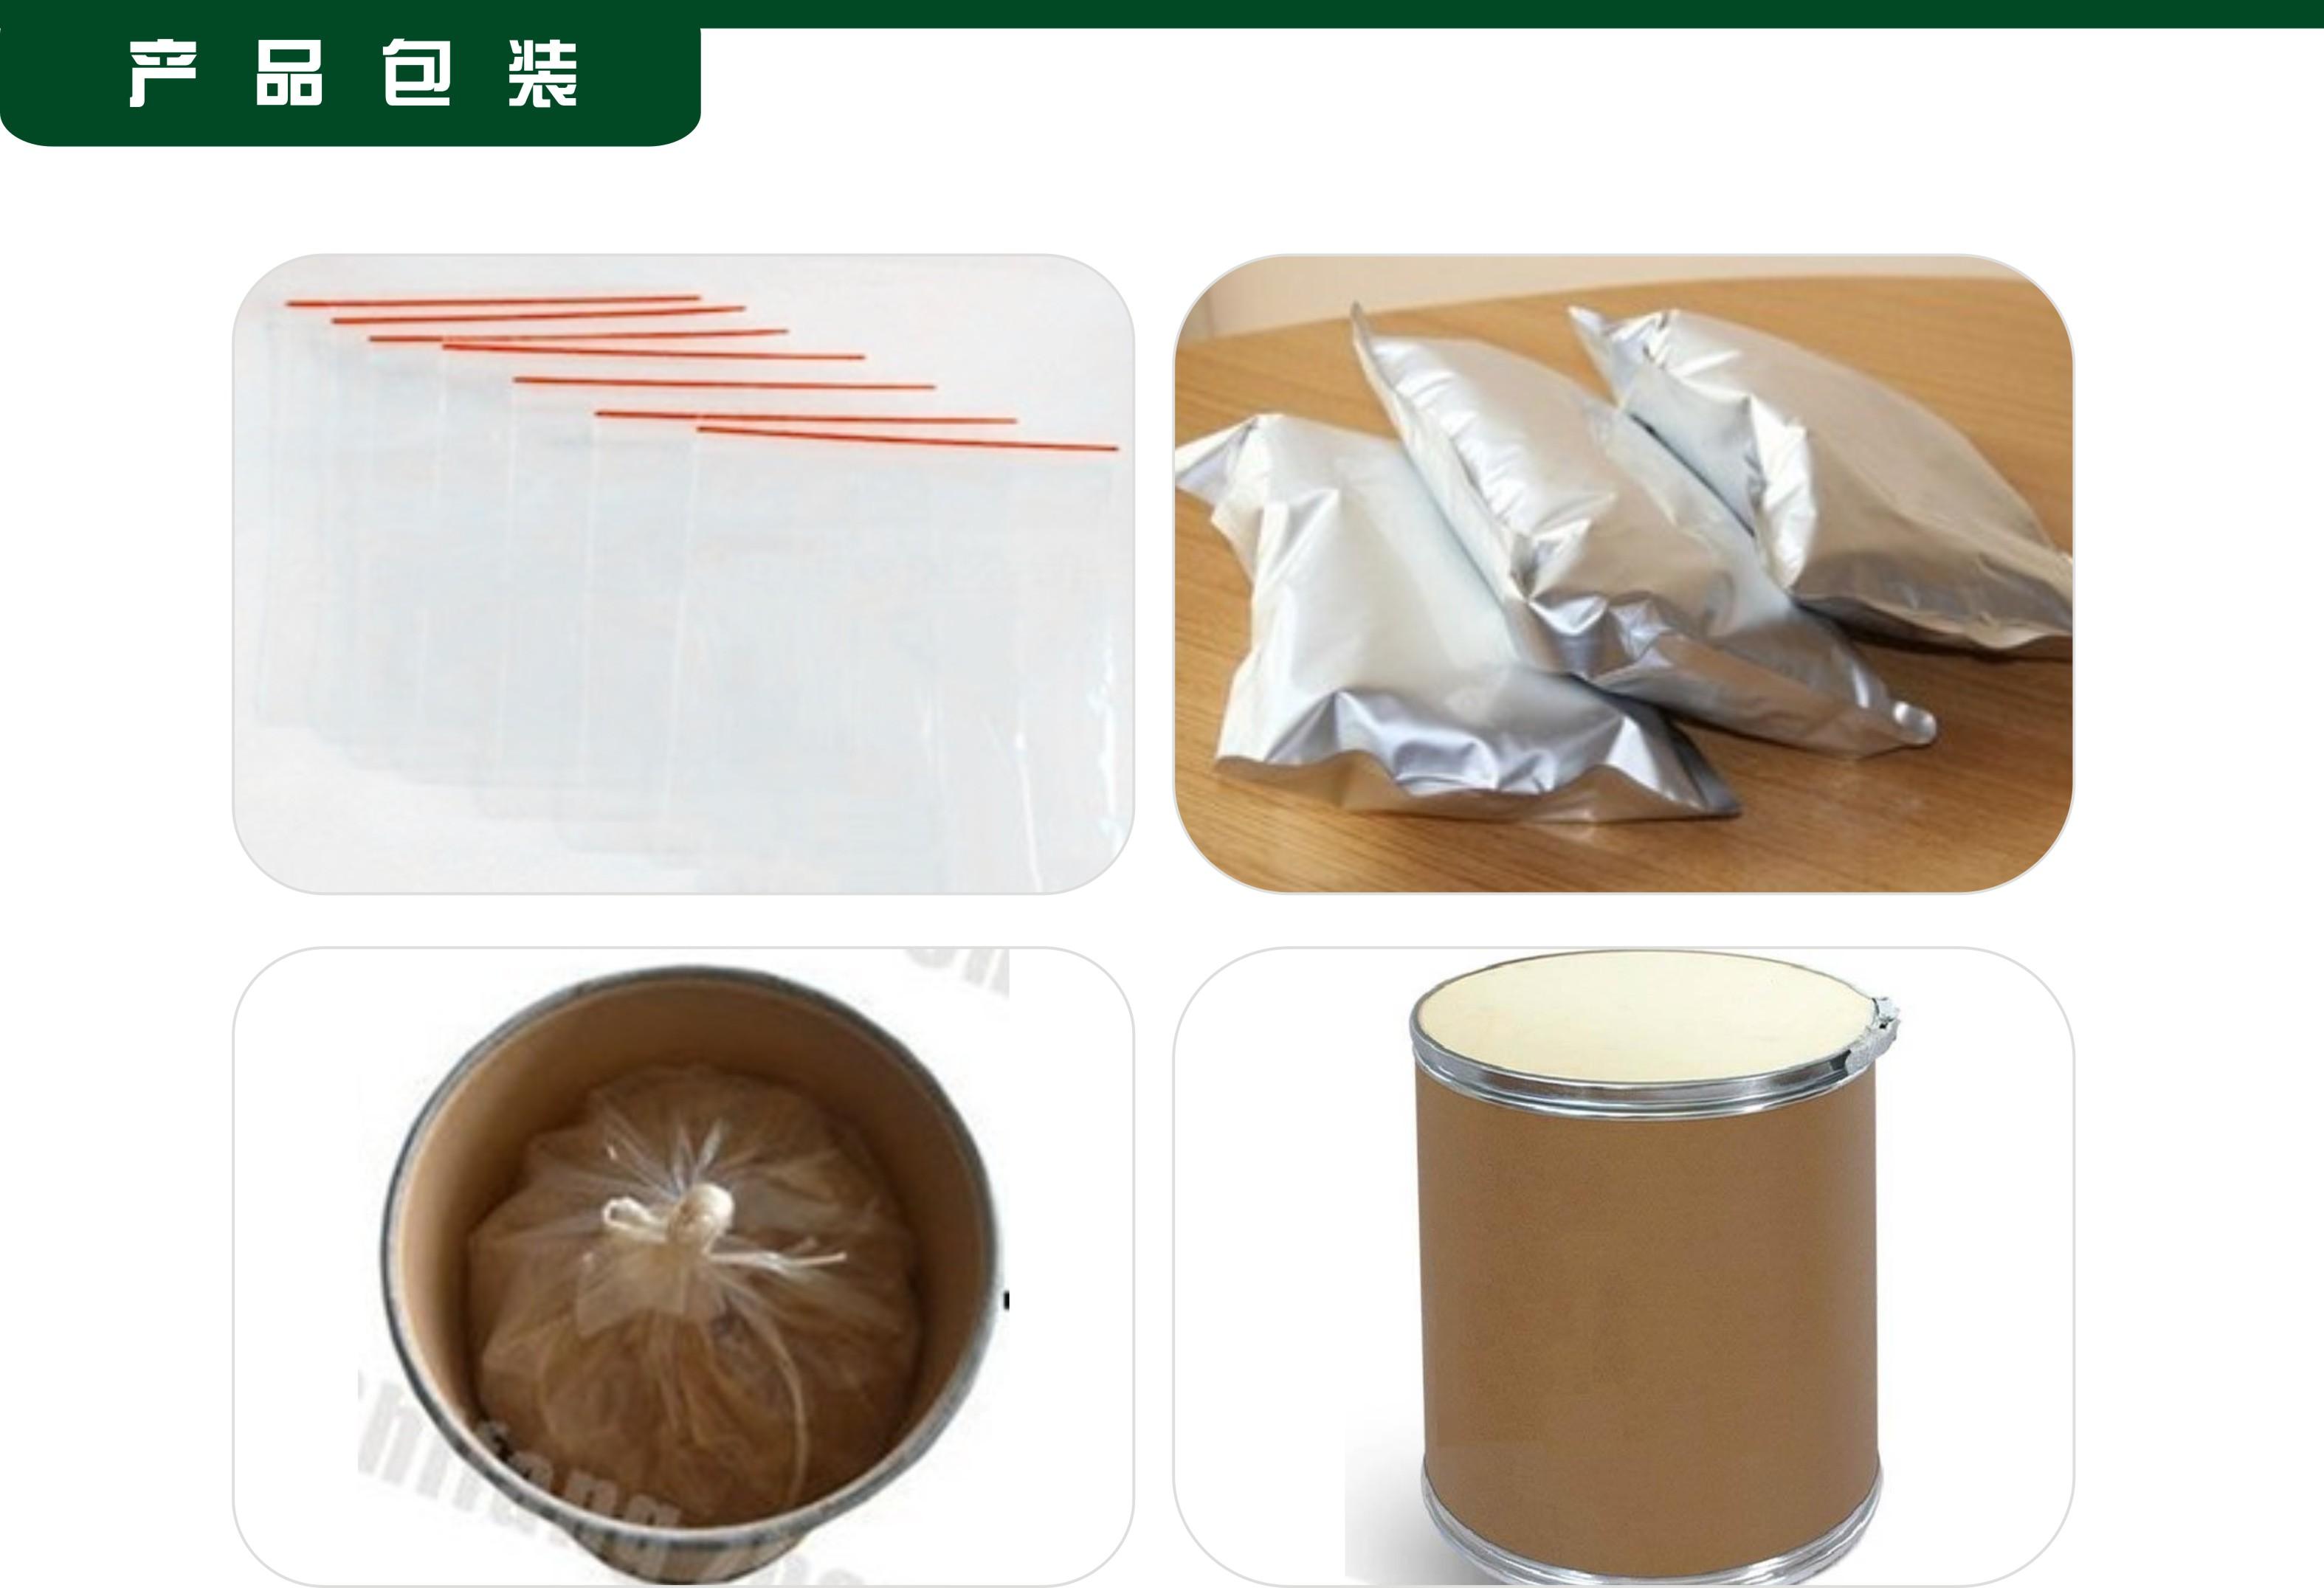 蟲草提取物  蟲草多糖  純植物提取物示例圖11